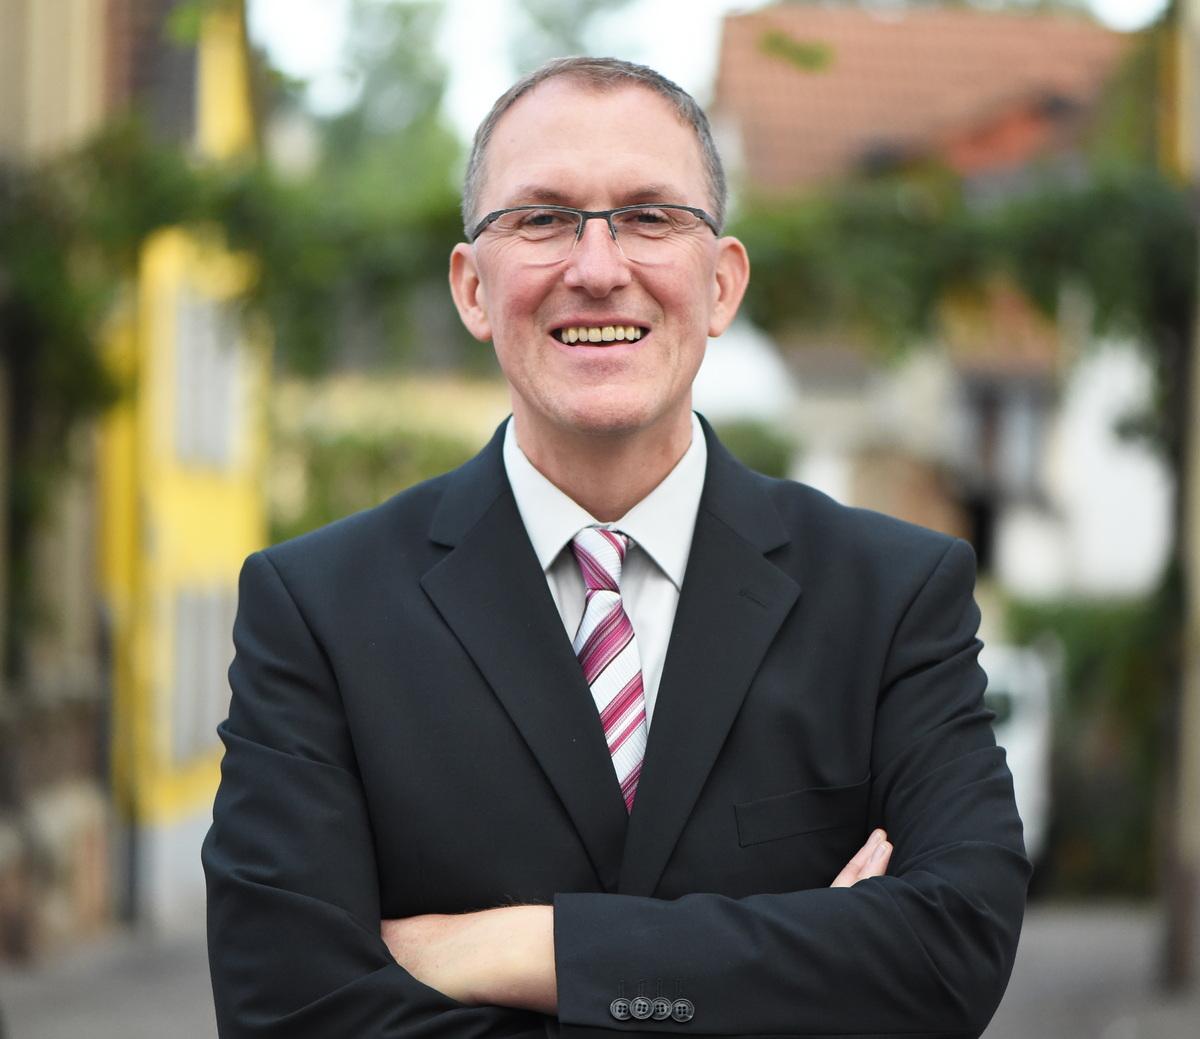 Ortsbürgermeister Olaf Budde